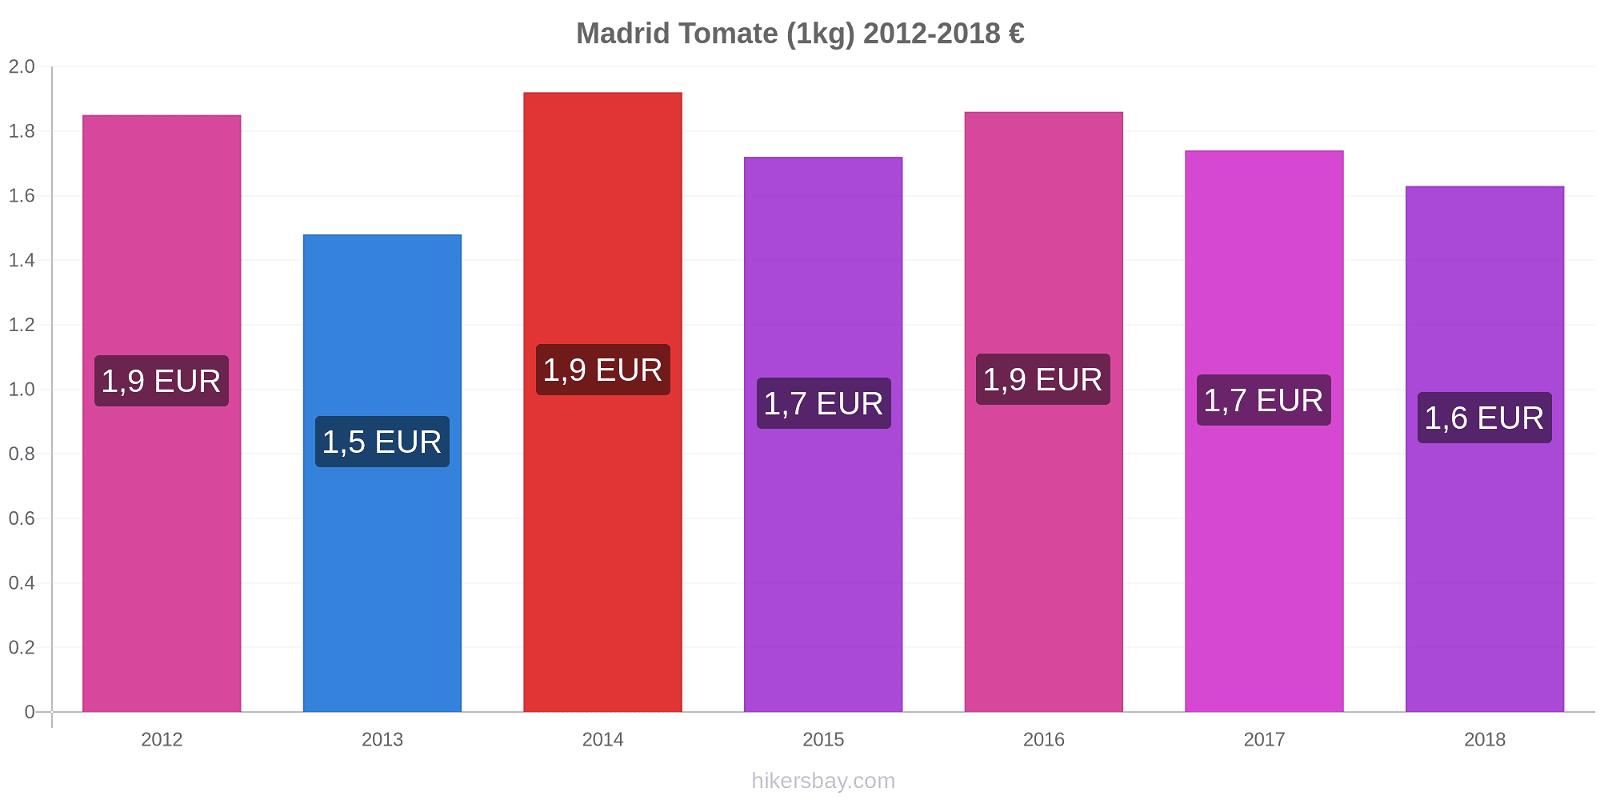 Madrid modificări de preț Tomate (1kg) hikersbay.com